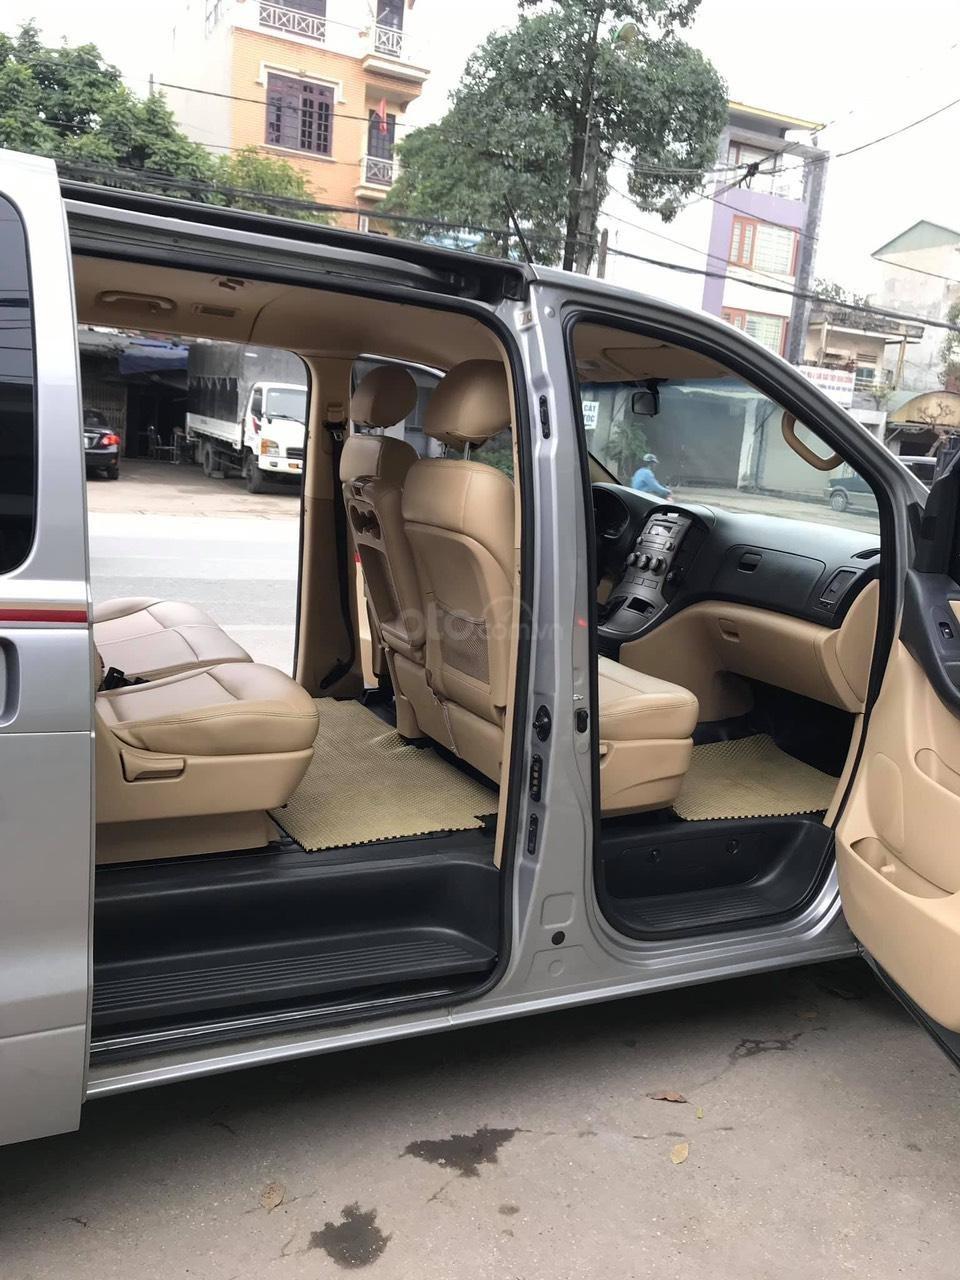 Bán xe 9 chỗ, máy dầu, số sàn hiệu Hyundai Starex, xe được nhập khẩu nguyên chiếc từ Hàn Quốc, đời 2014-6